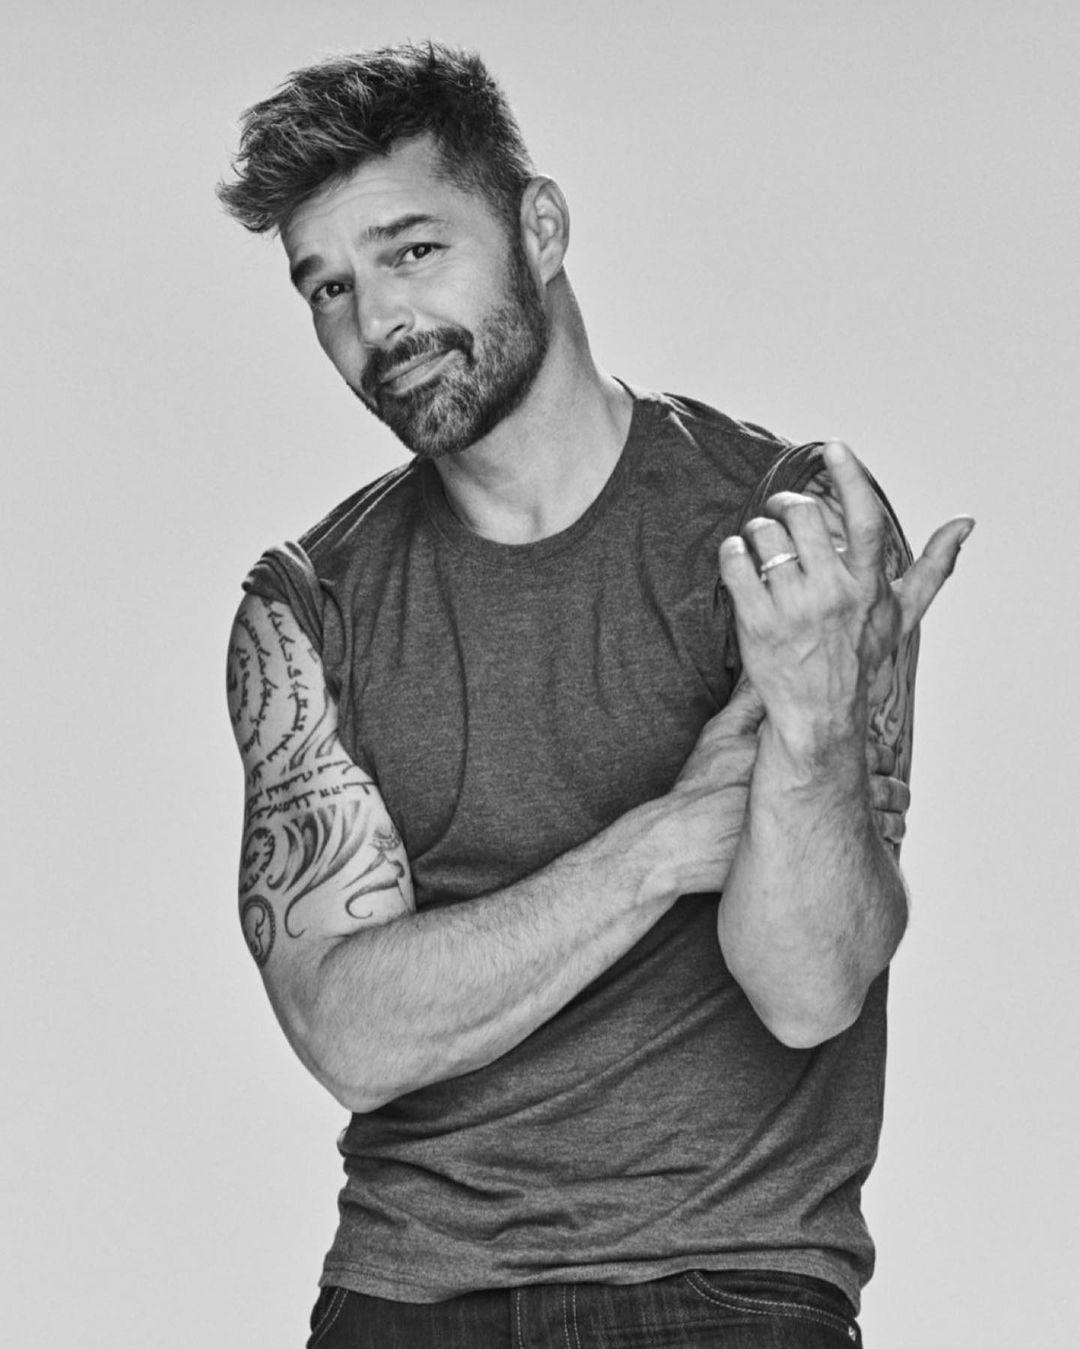 ricky martin 2021 play - Ricky Martin & Paloma Mami - Que Rico Fuera